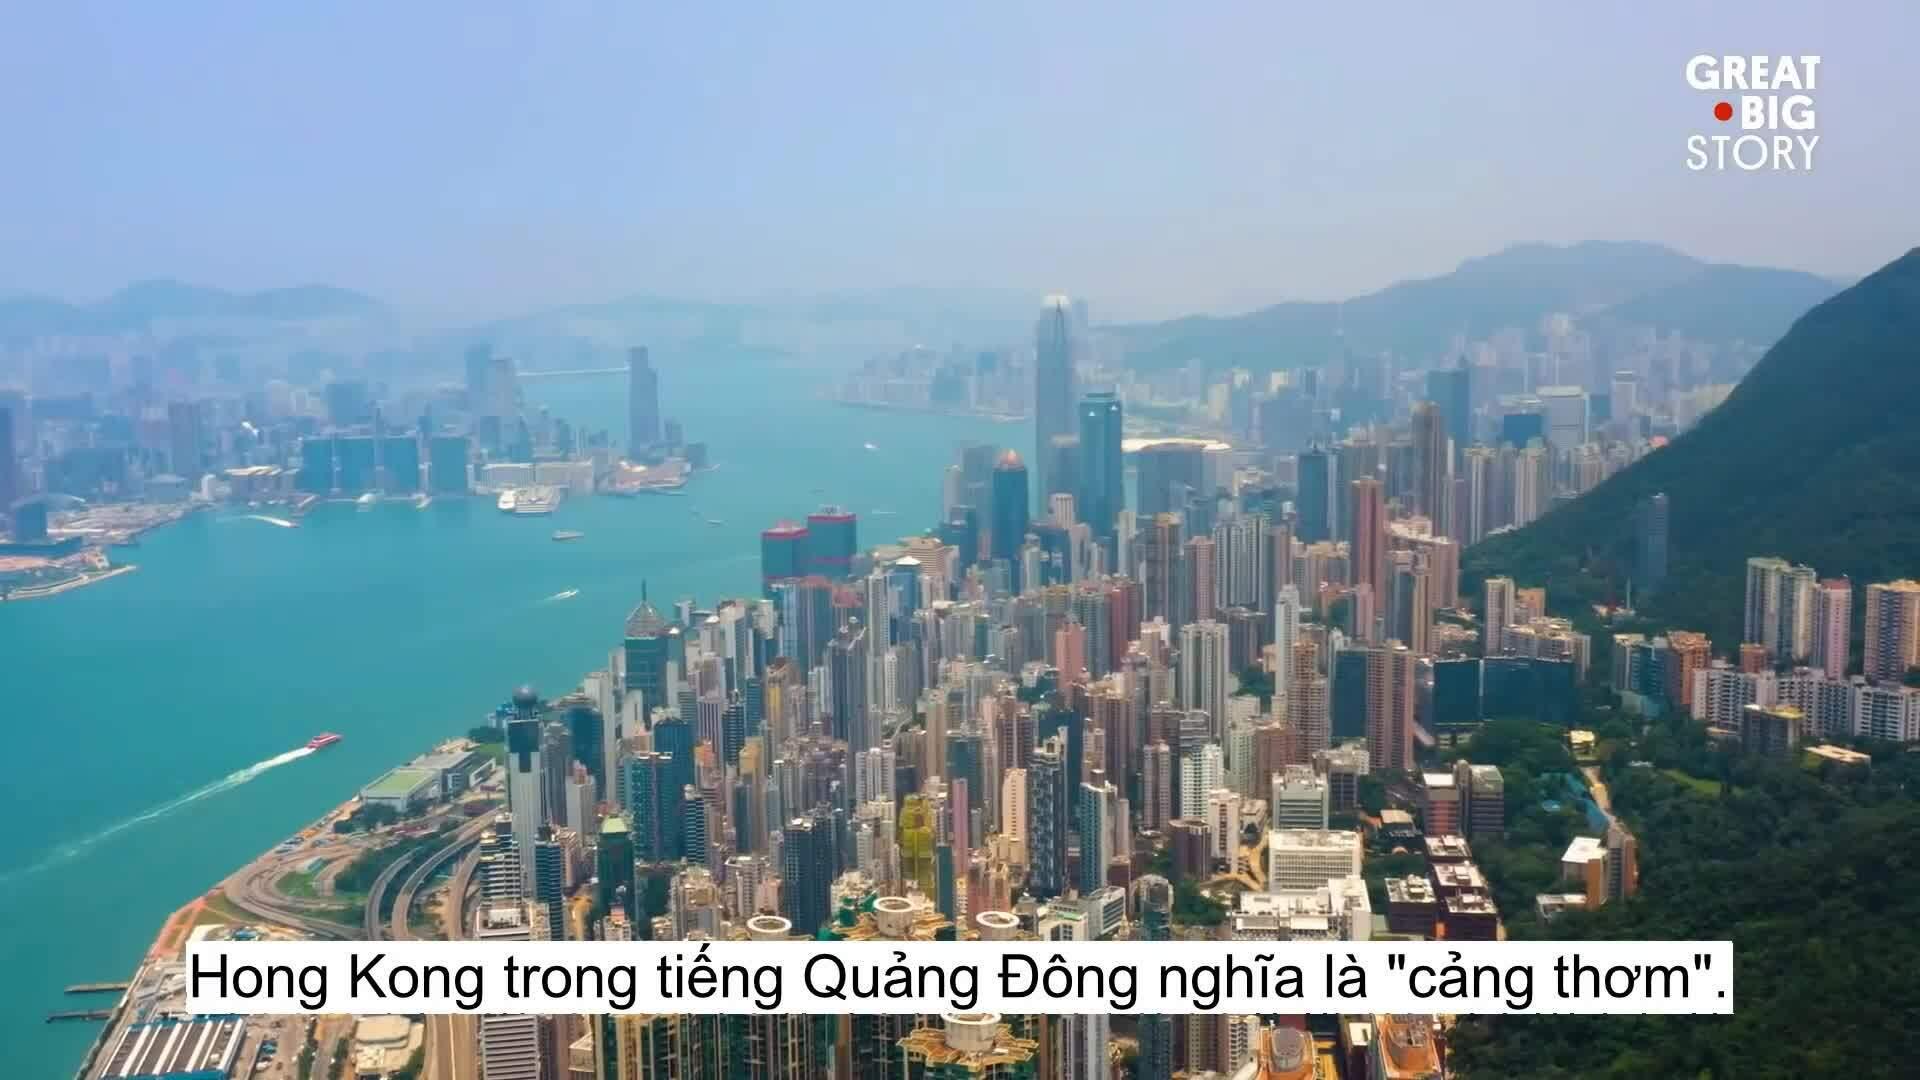 Vì sao Hong Kong được gọi là xứ Cảng Thơm?